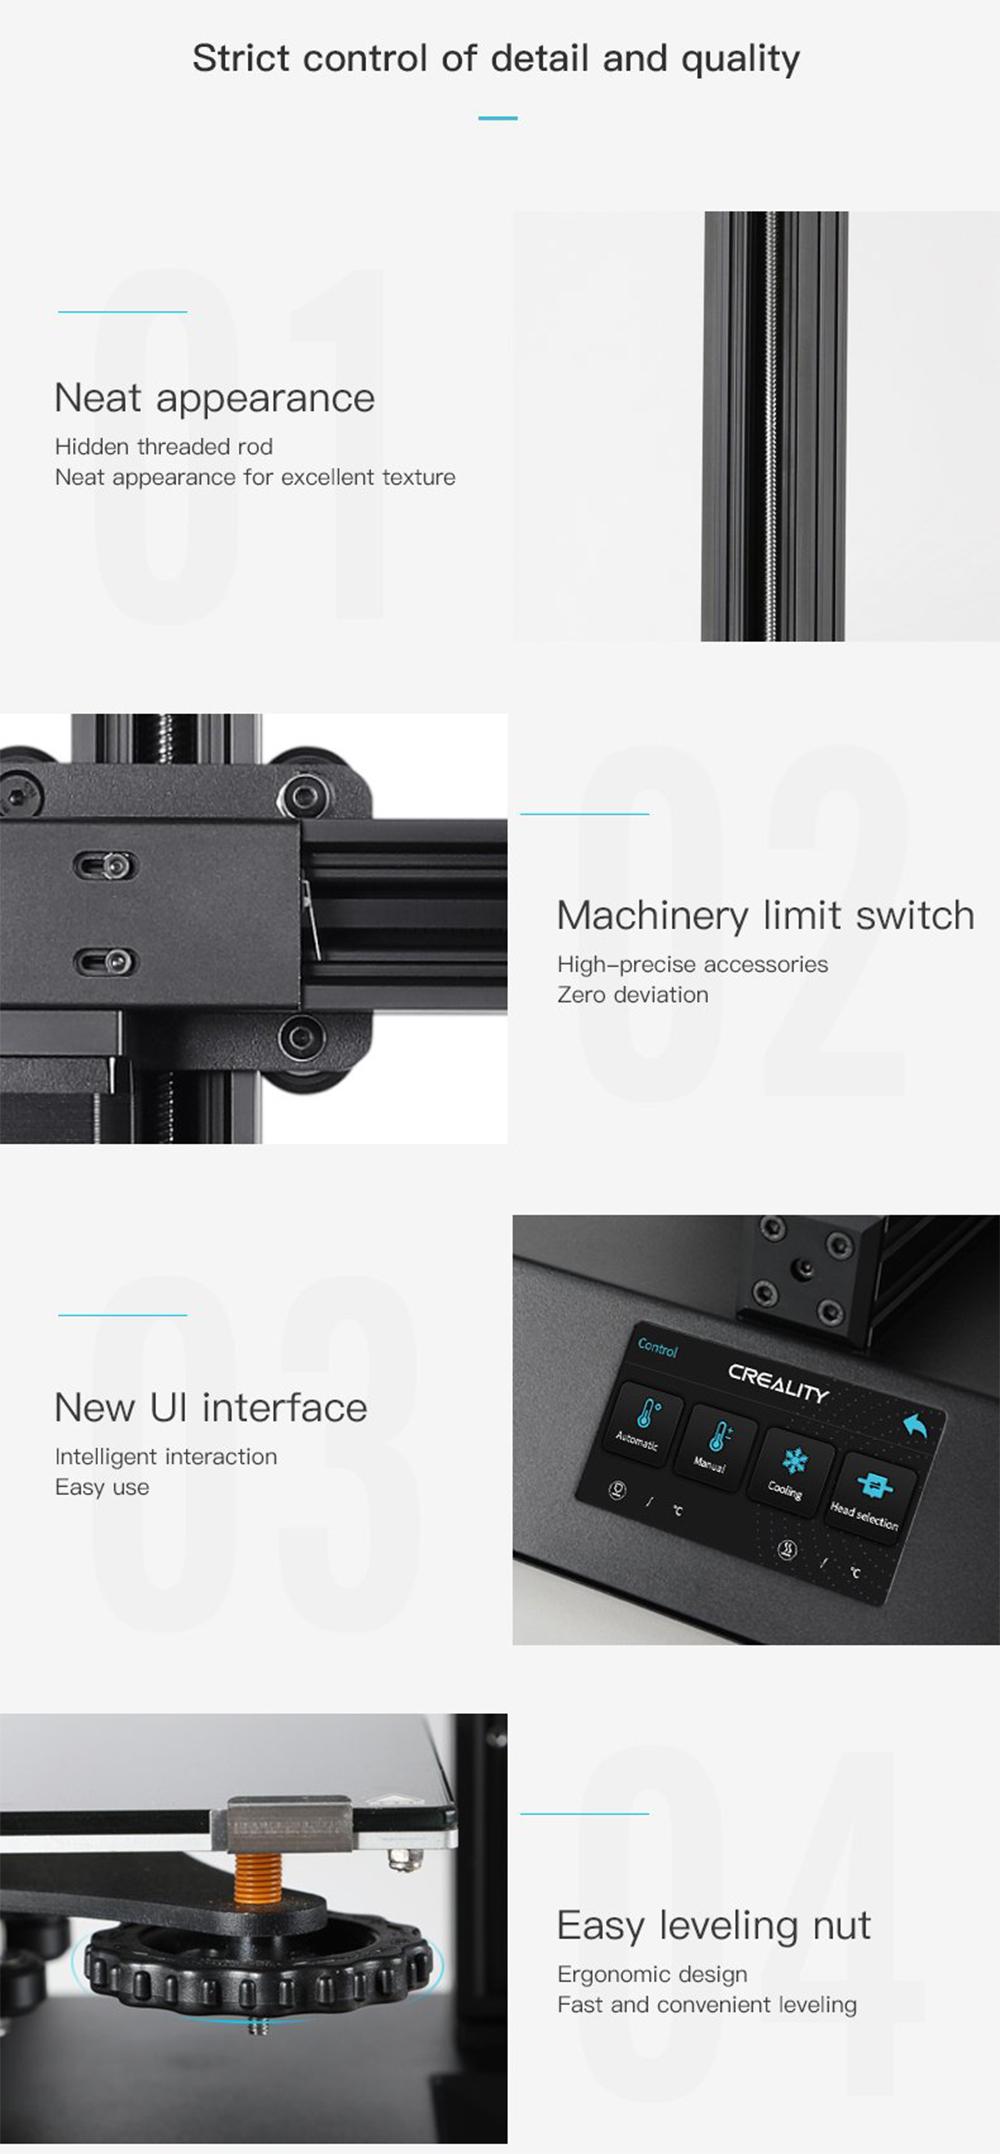 Creality3D CP-01 Multitool 3D-Drucker Bausatz - 200x200x200mm - versteckte Trapezgewindespindel - Hochpräziser Endschalter - Einfache Bedienung - Ergonomische Nivelliermuttern